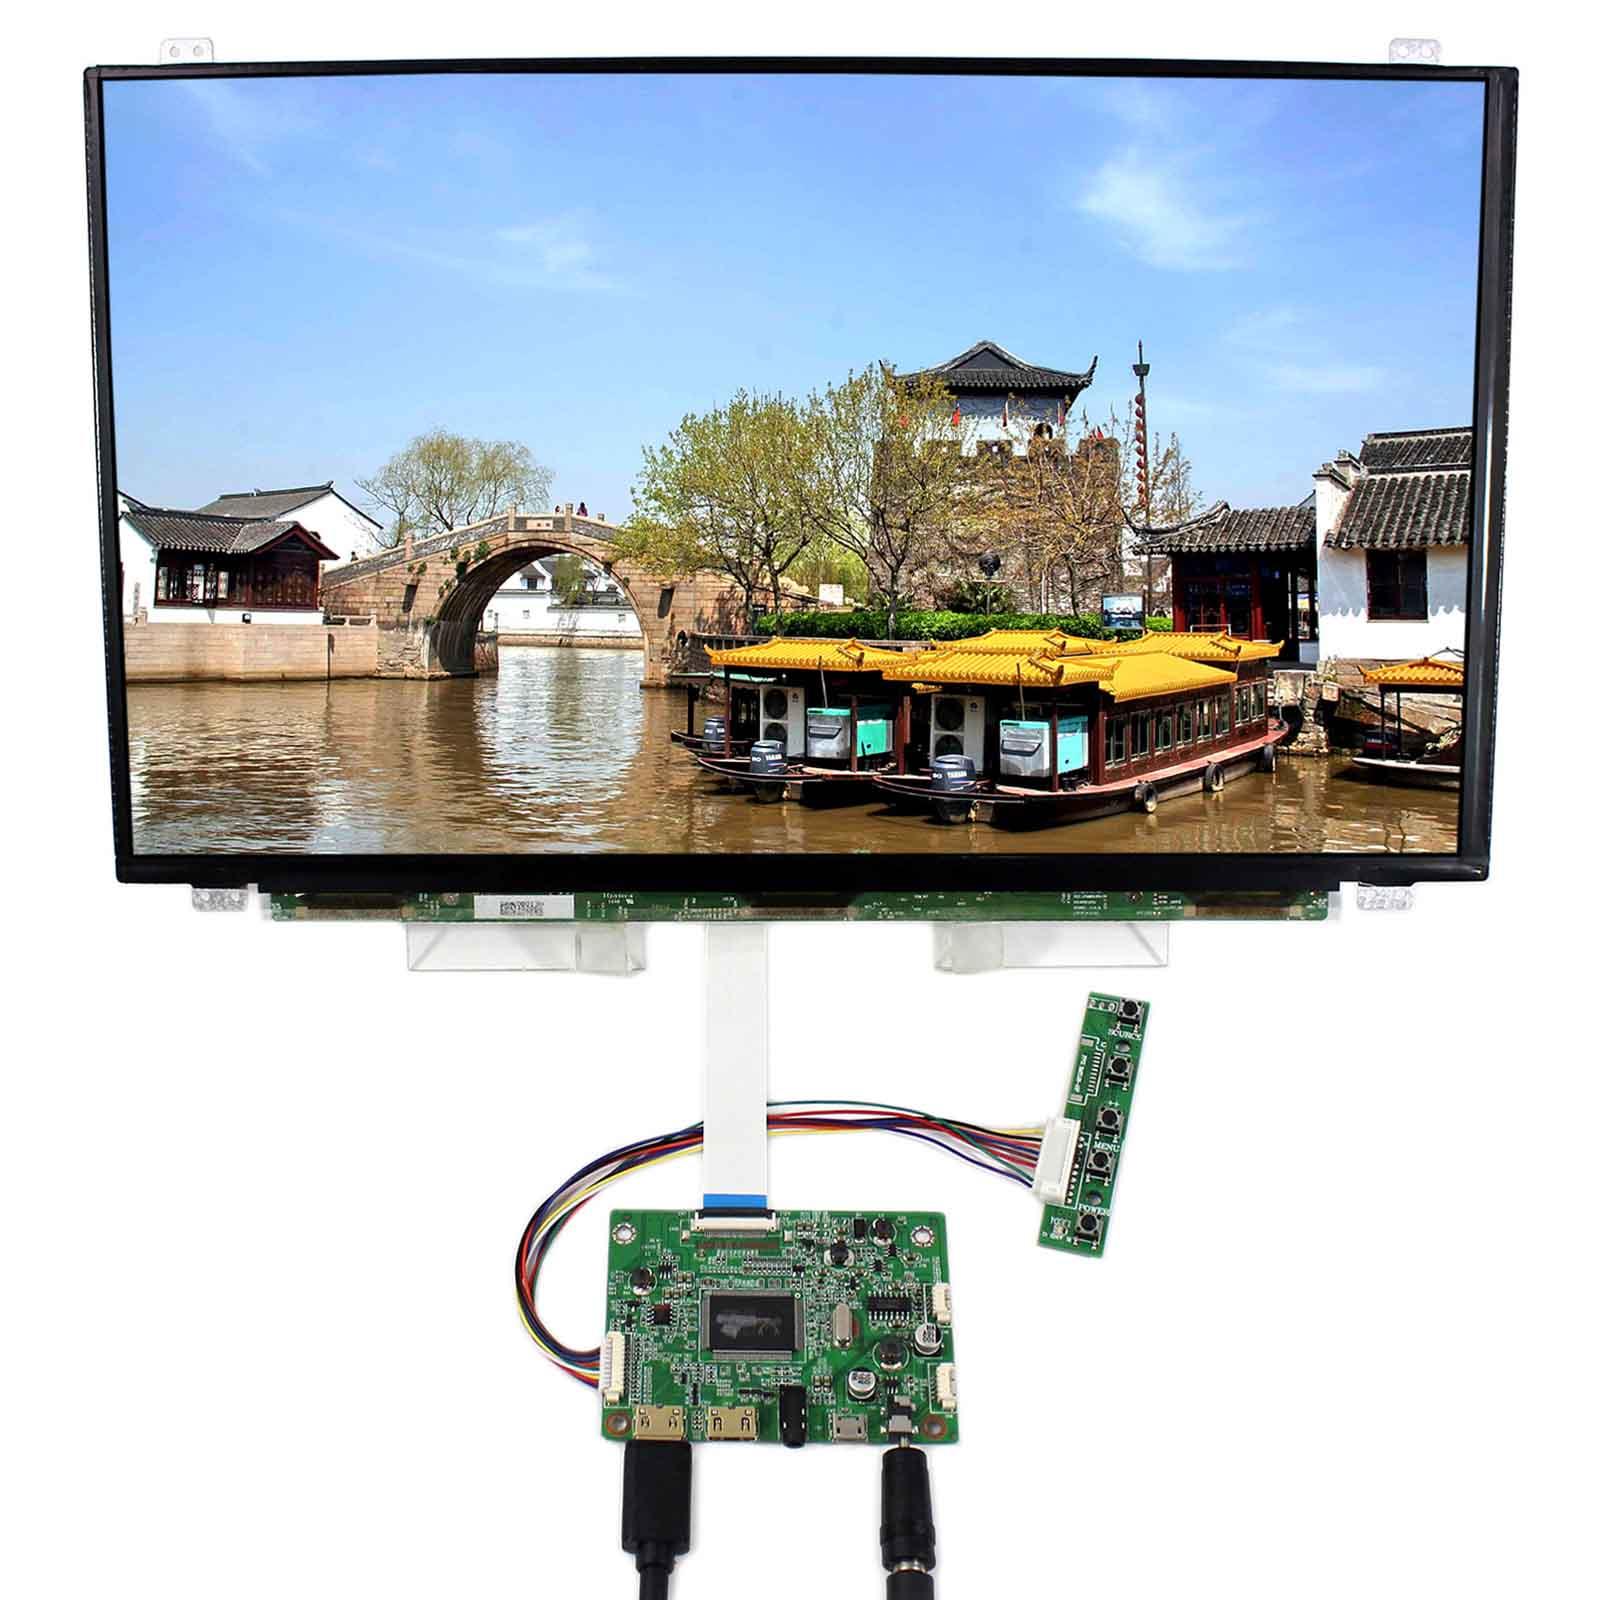 B156HAN01 B156HAN01  2Mini HDMI LCD Controller Board 1920x1080 15.6inch  LCD ScreenB156HAN01 B156HAN01  2Mini HDMI LCD Controller Board 1920x1080 15.6inch  LCD Screen